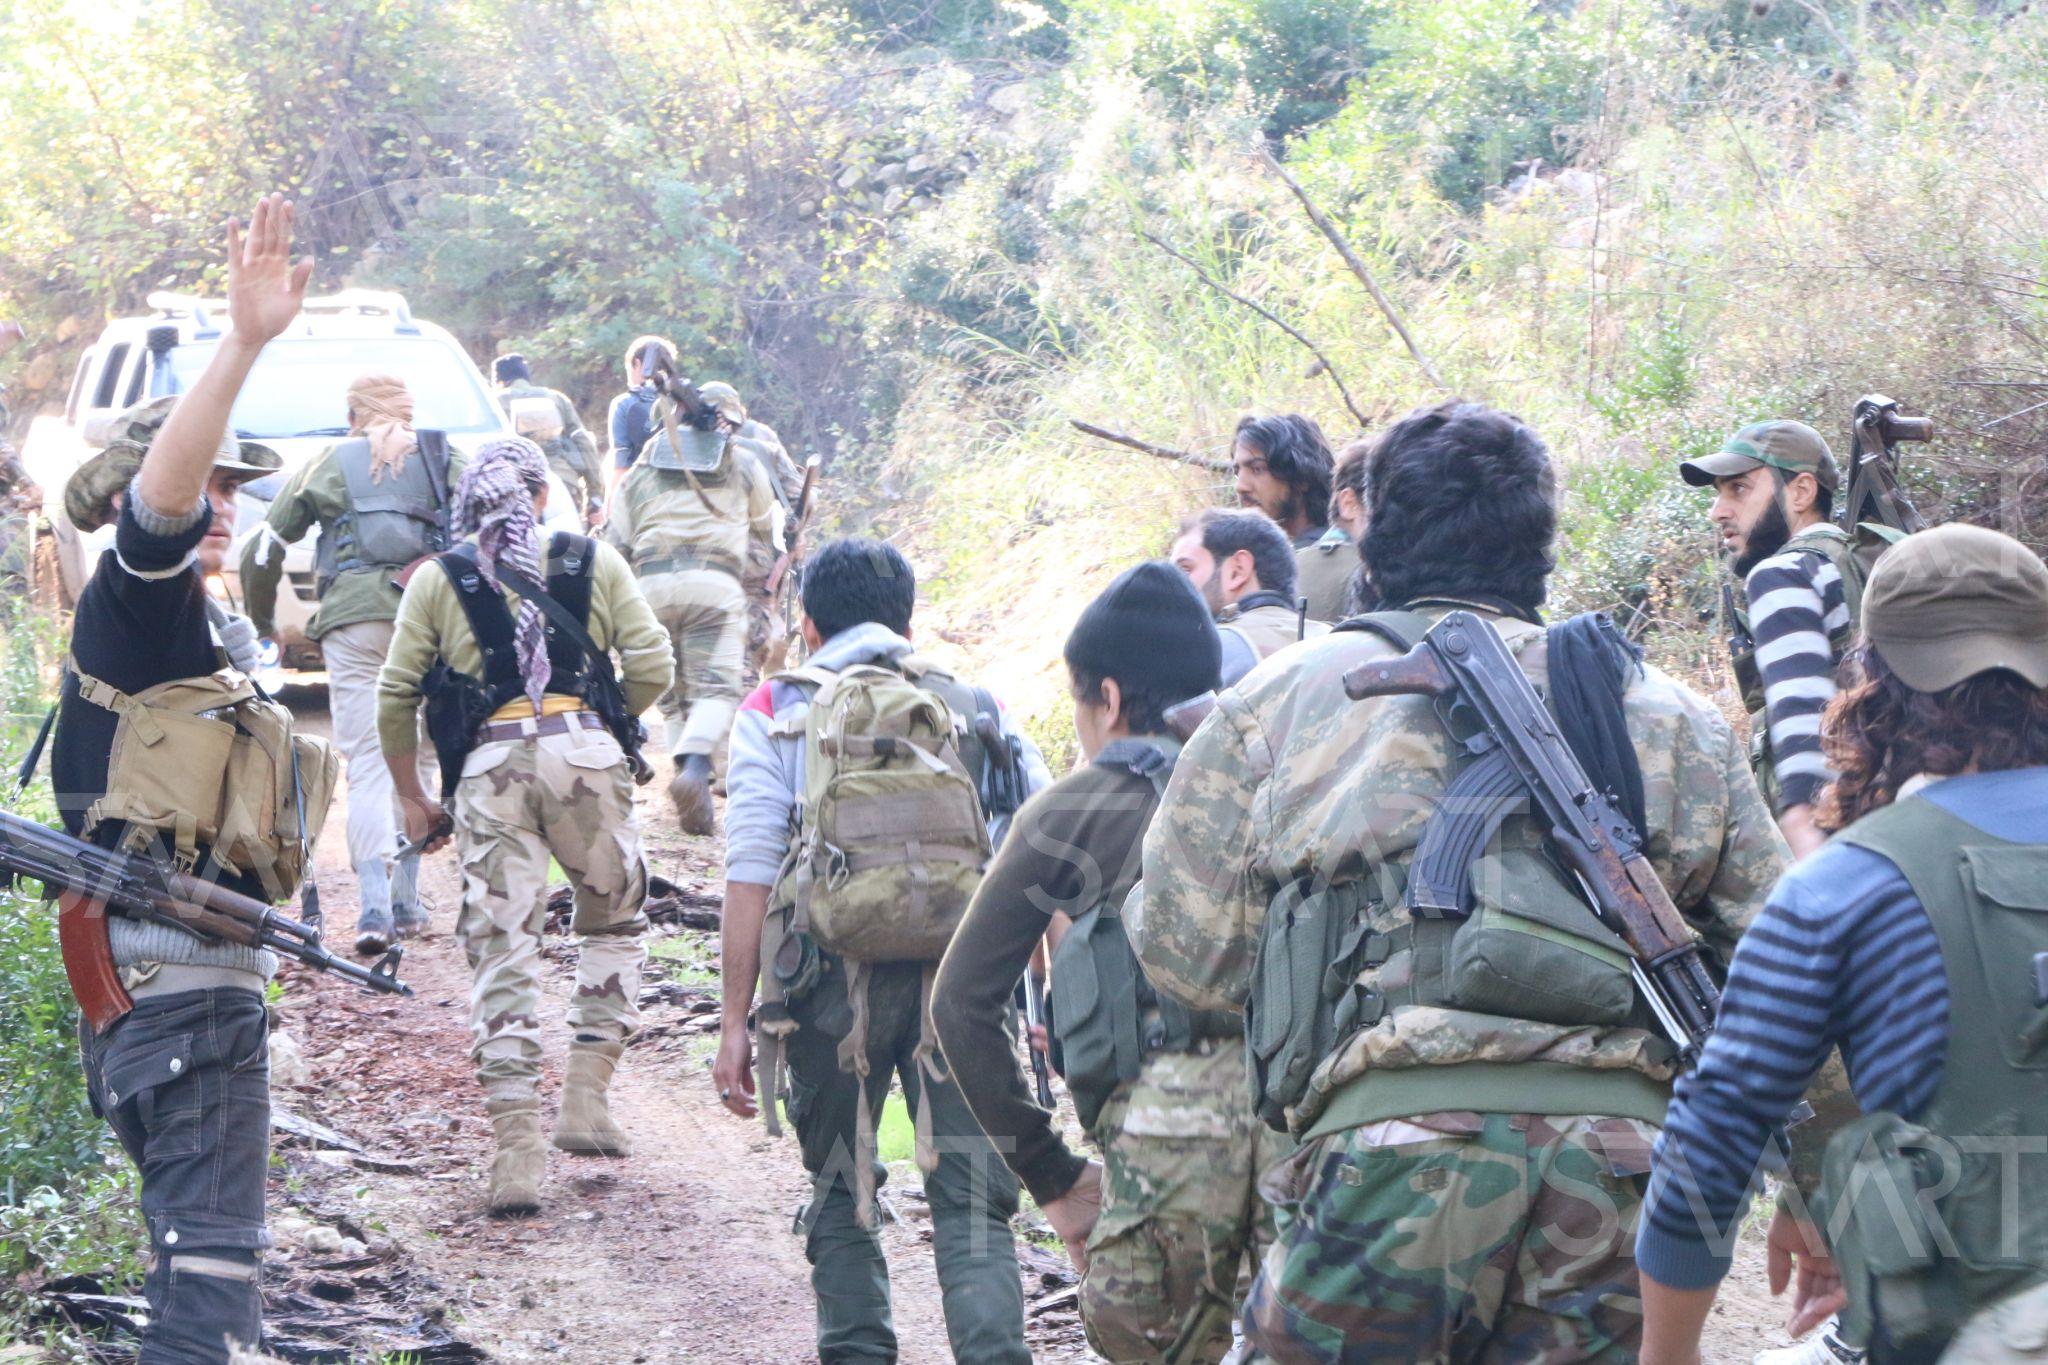 الفصائل الثورية تقتل وتجرح عناصر مجموعة للنظام  حاولت التقدم على محور الفطيرة بريف ادلب